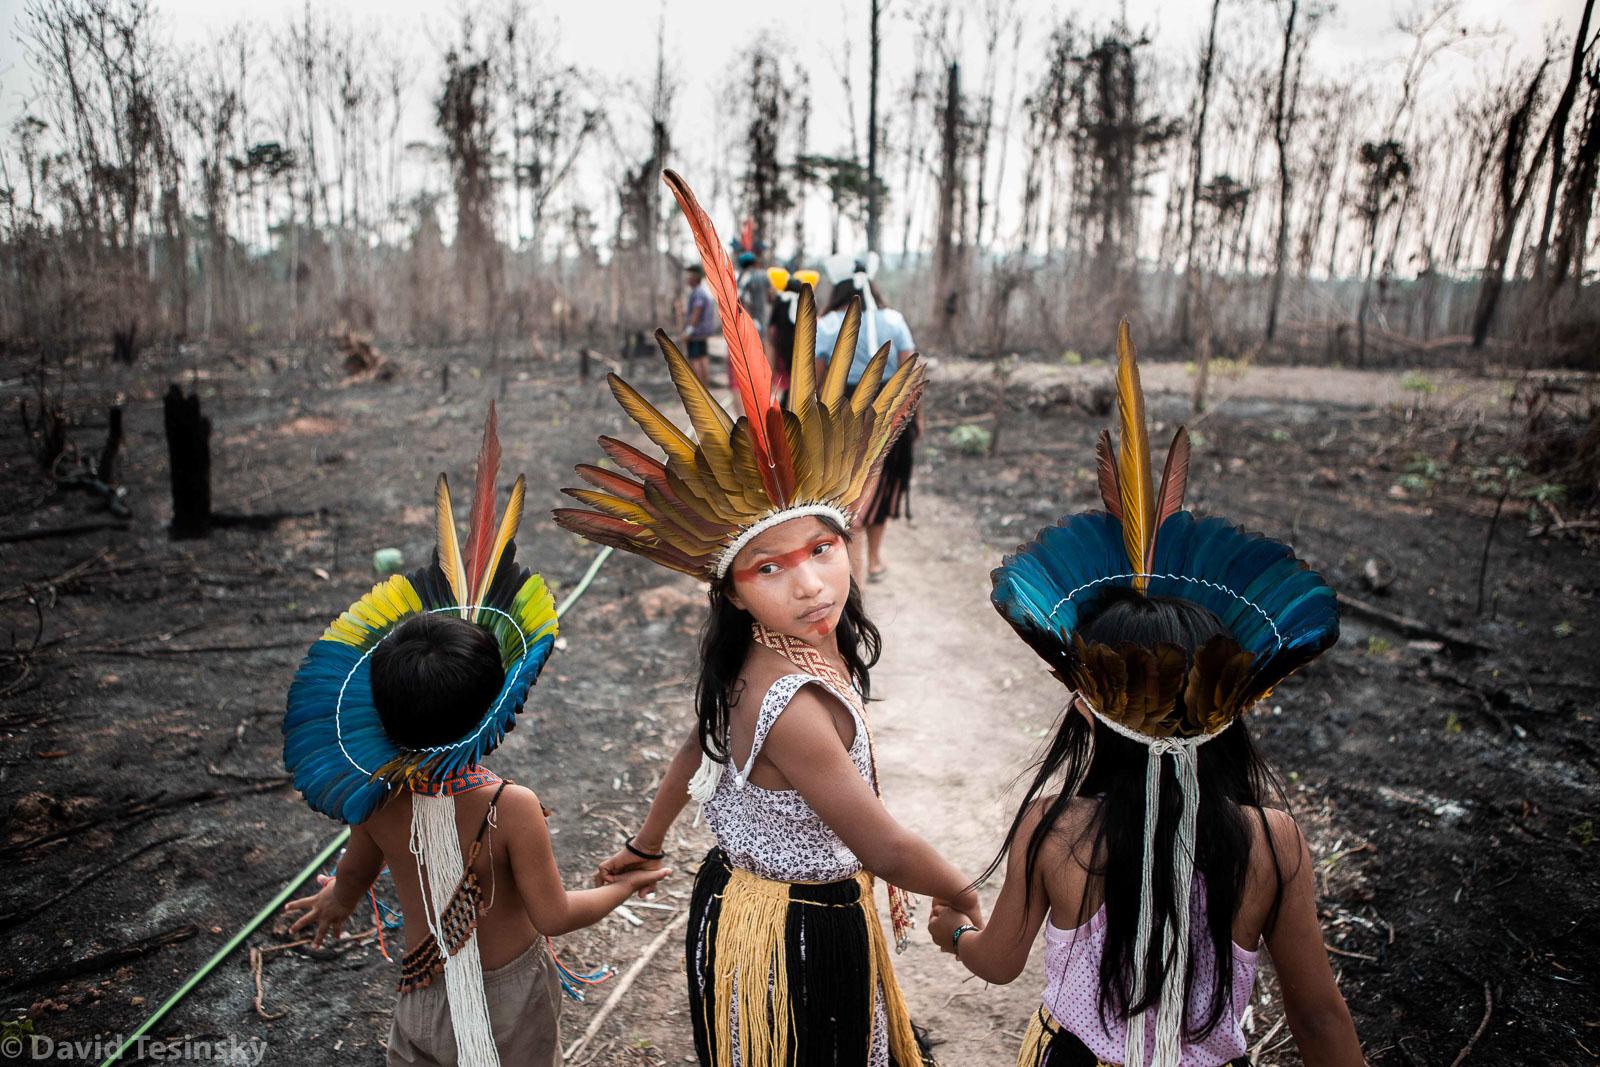 Oběti ohňů v Amazonii (Brazílie)